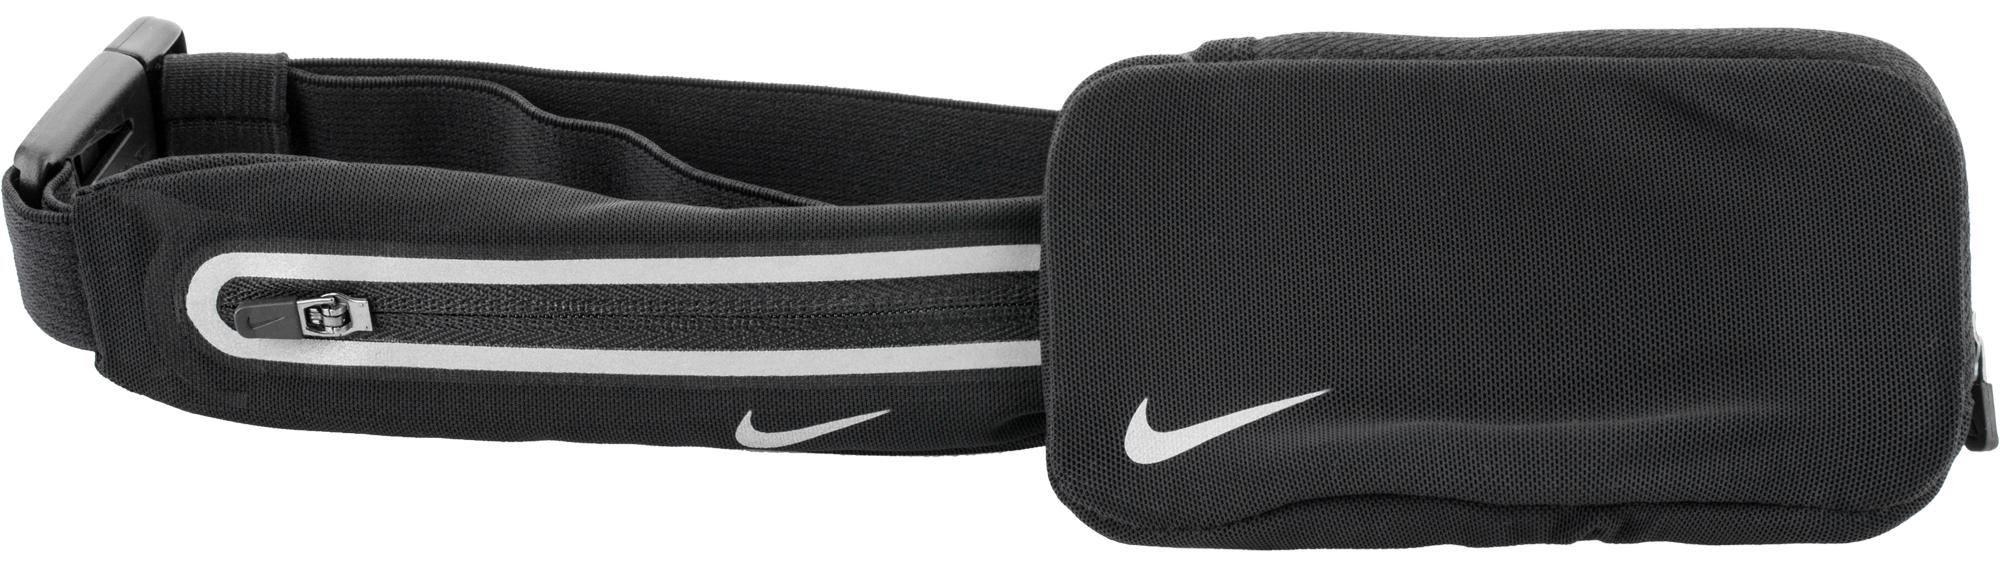 Nike Сумка на пояс Nike Lean 2 nike nike ni464emjfq54